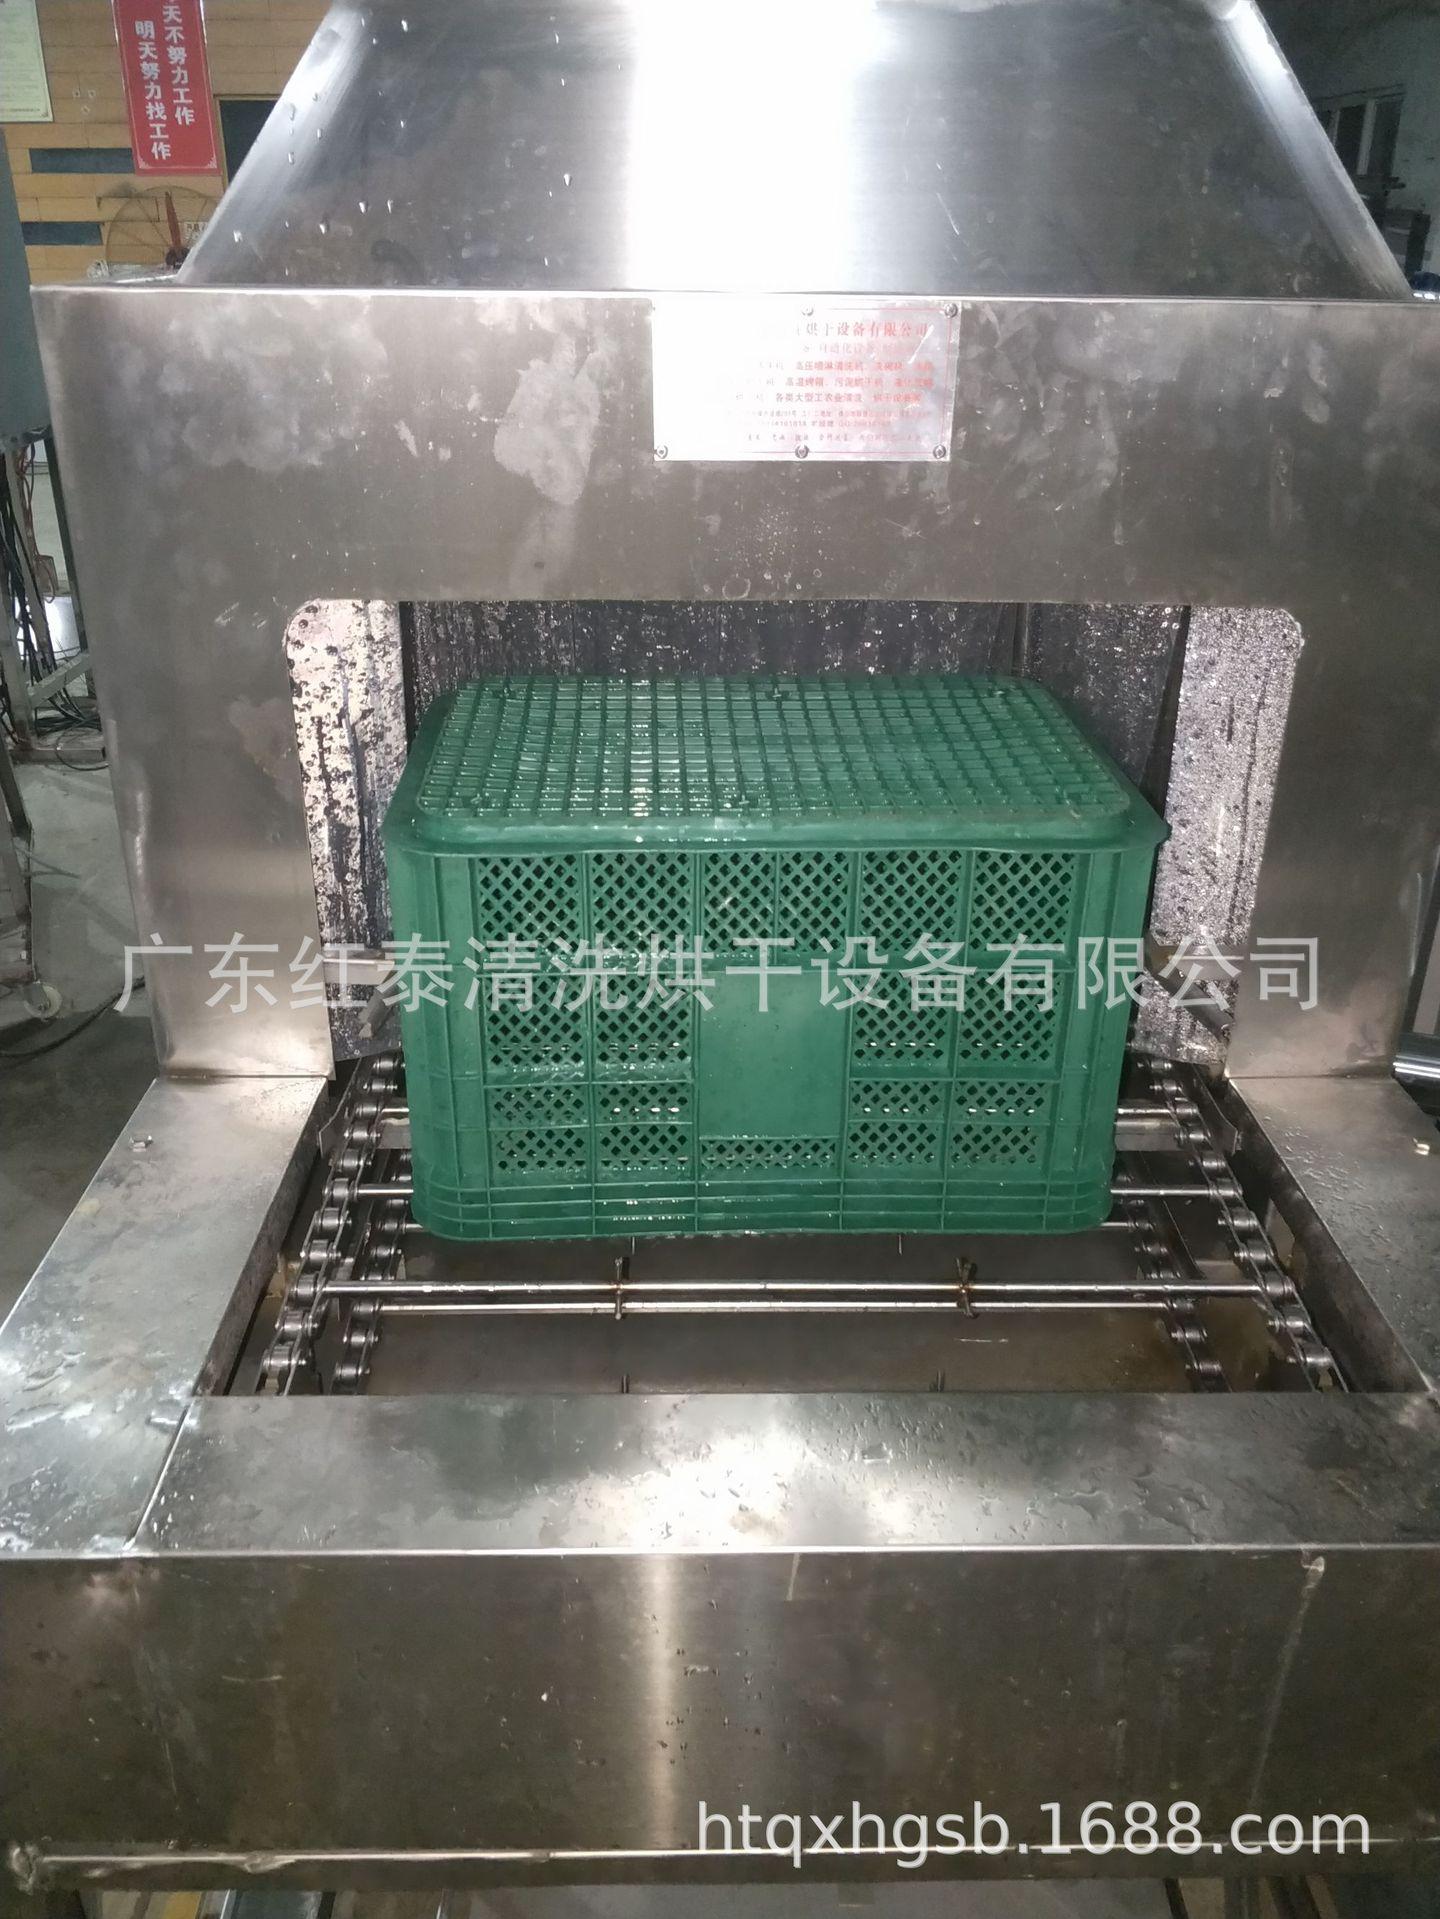 南海烤盘清洗机 南海烤盘清洗机厂家 南海烤盘清洗机按要求定制示例图8